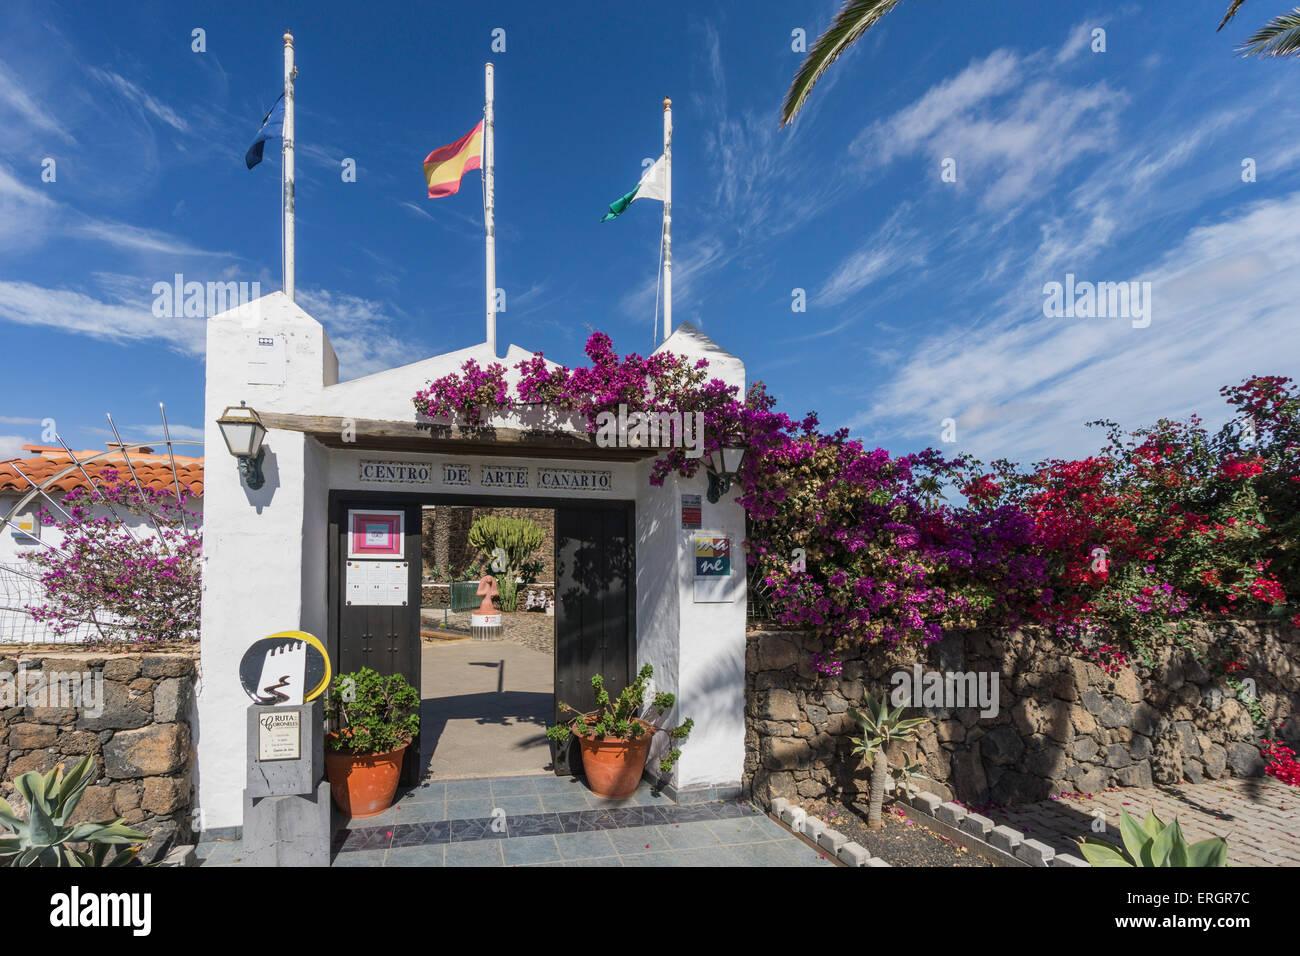 Centro de Arte Canario, Museo d'arte, La Oliva, Fuerteventura, Isole Canarie, Spagna Immagini Stock